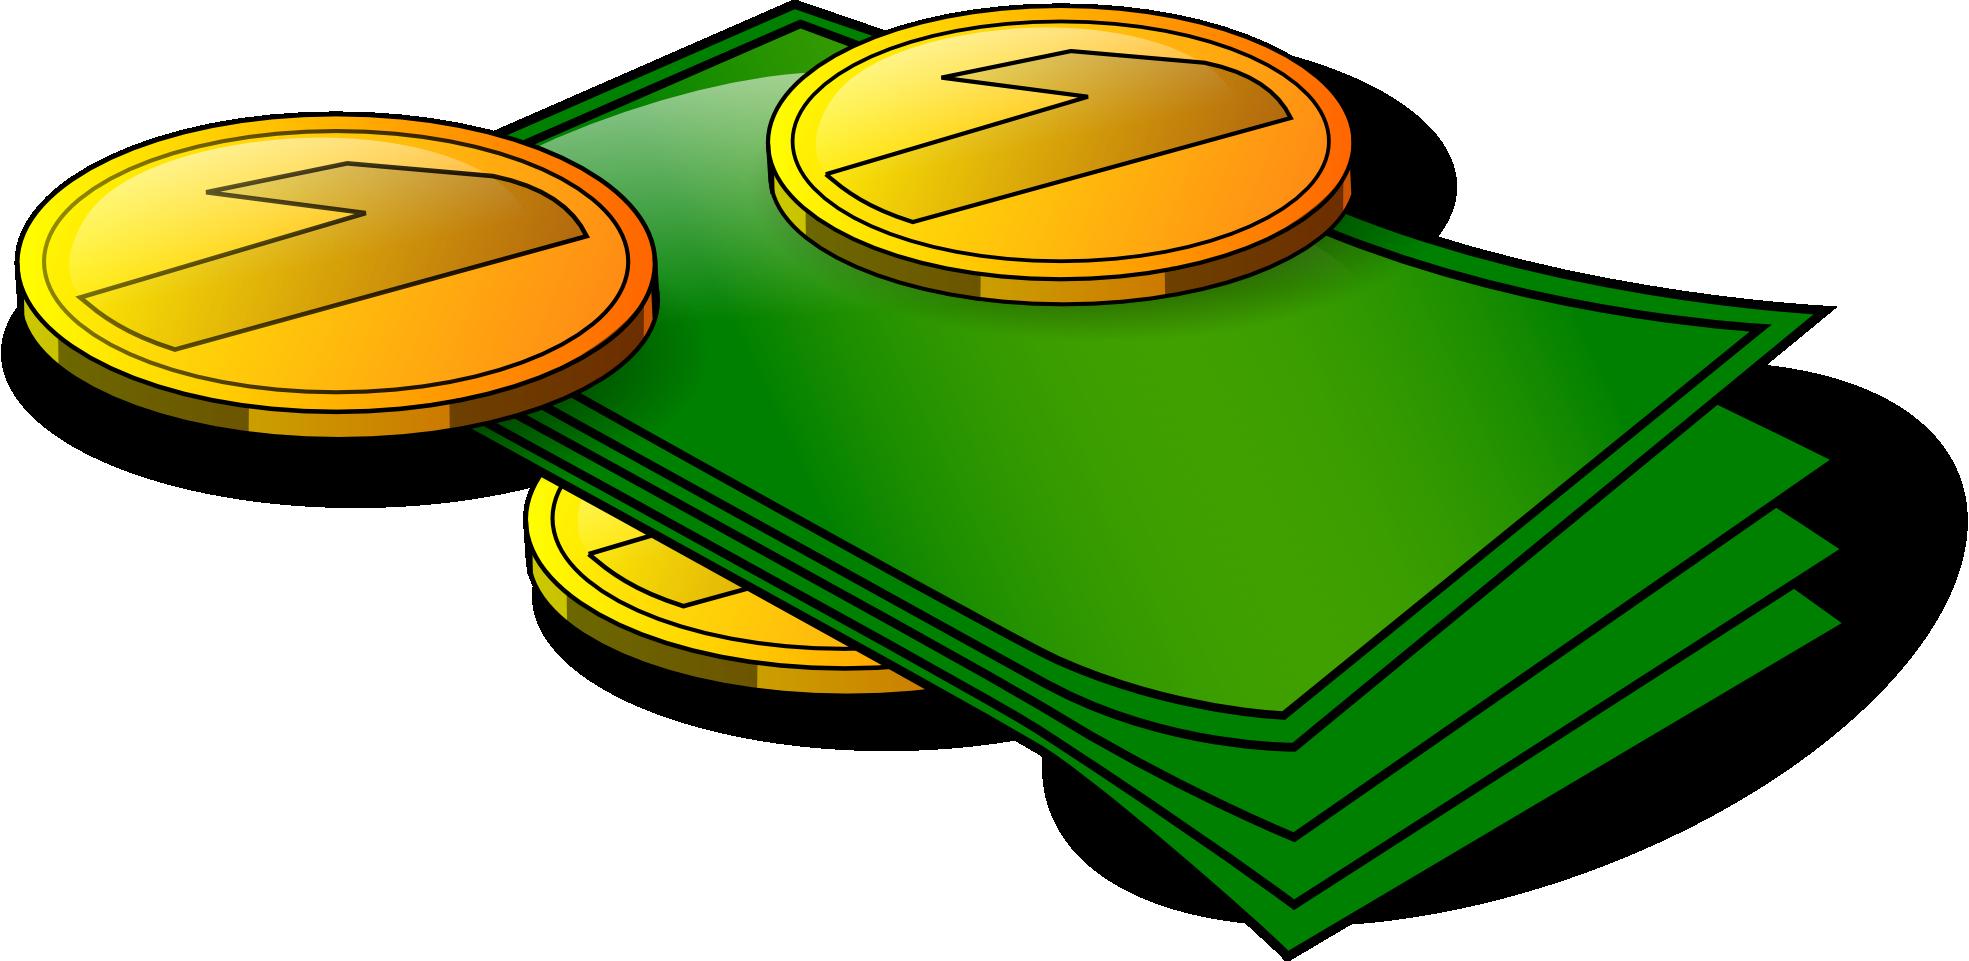 Clipart Money-clipart money-3